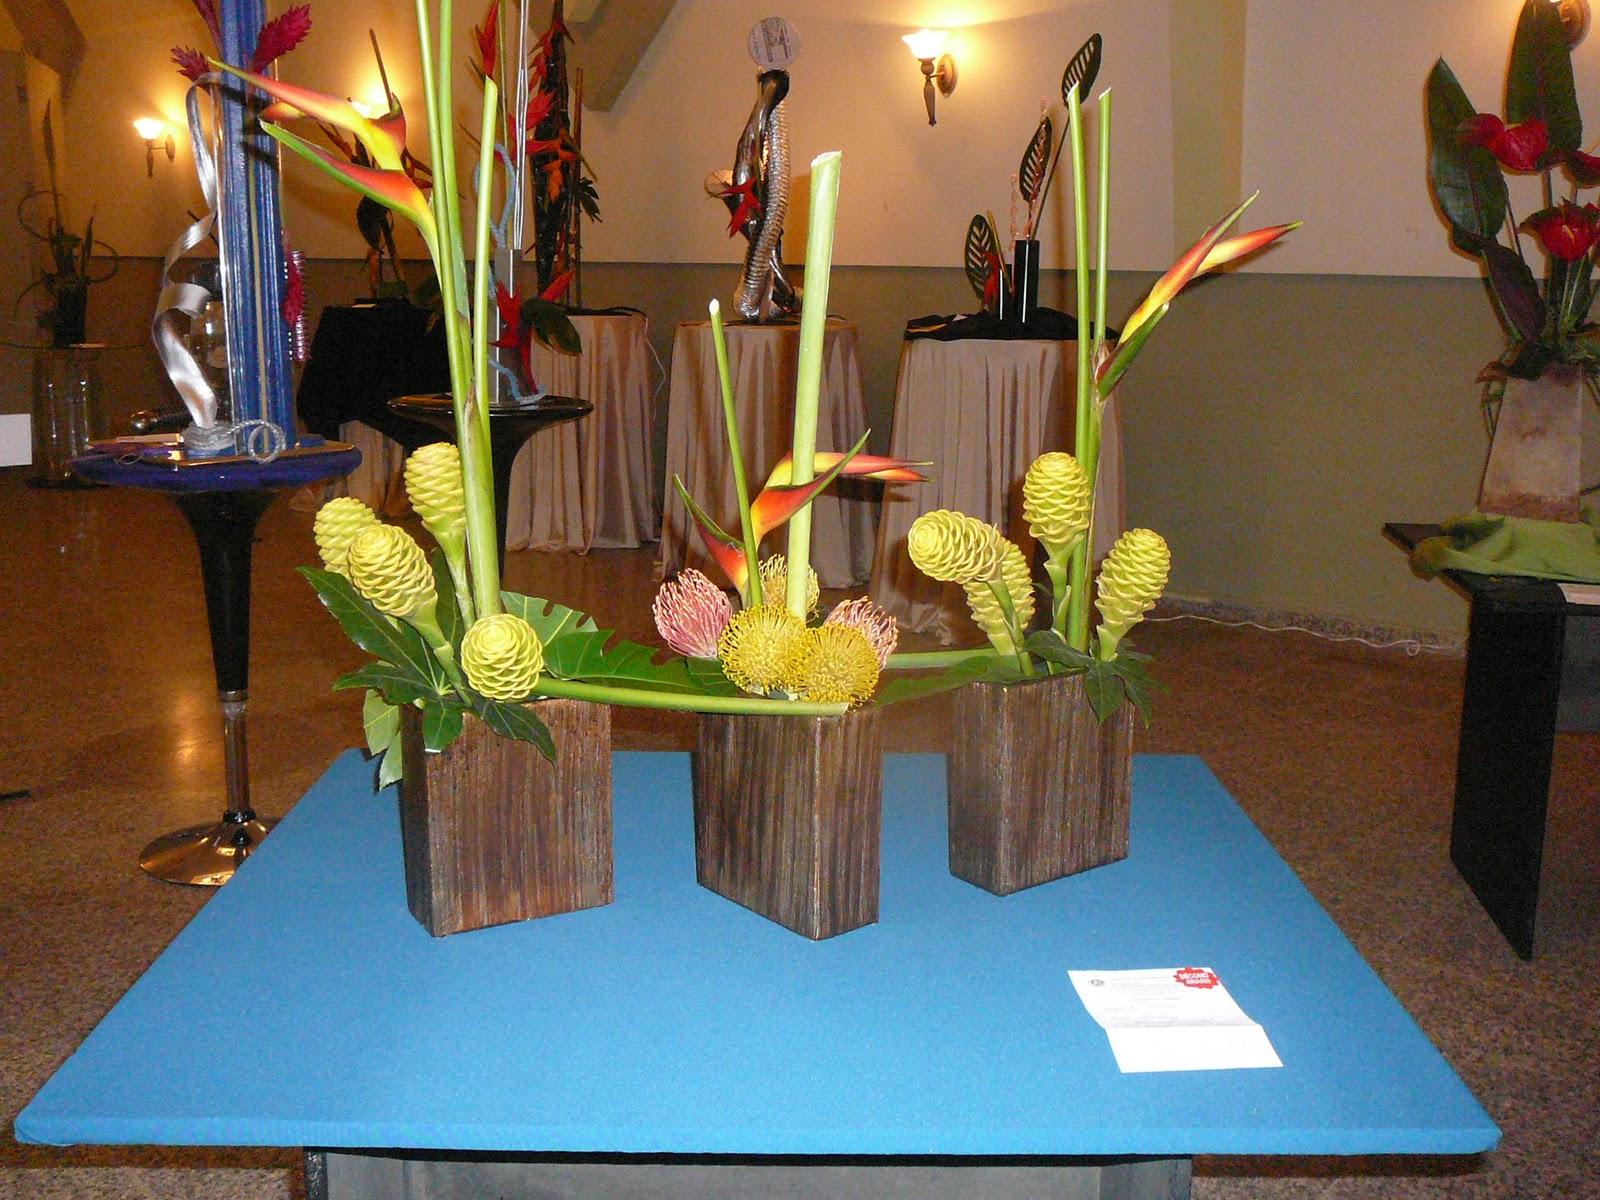 Arreglos florales creativos arreglos creativos sinergetico gatun - Arreglos florales creativos ...